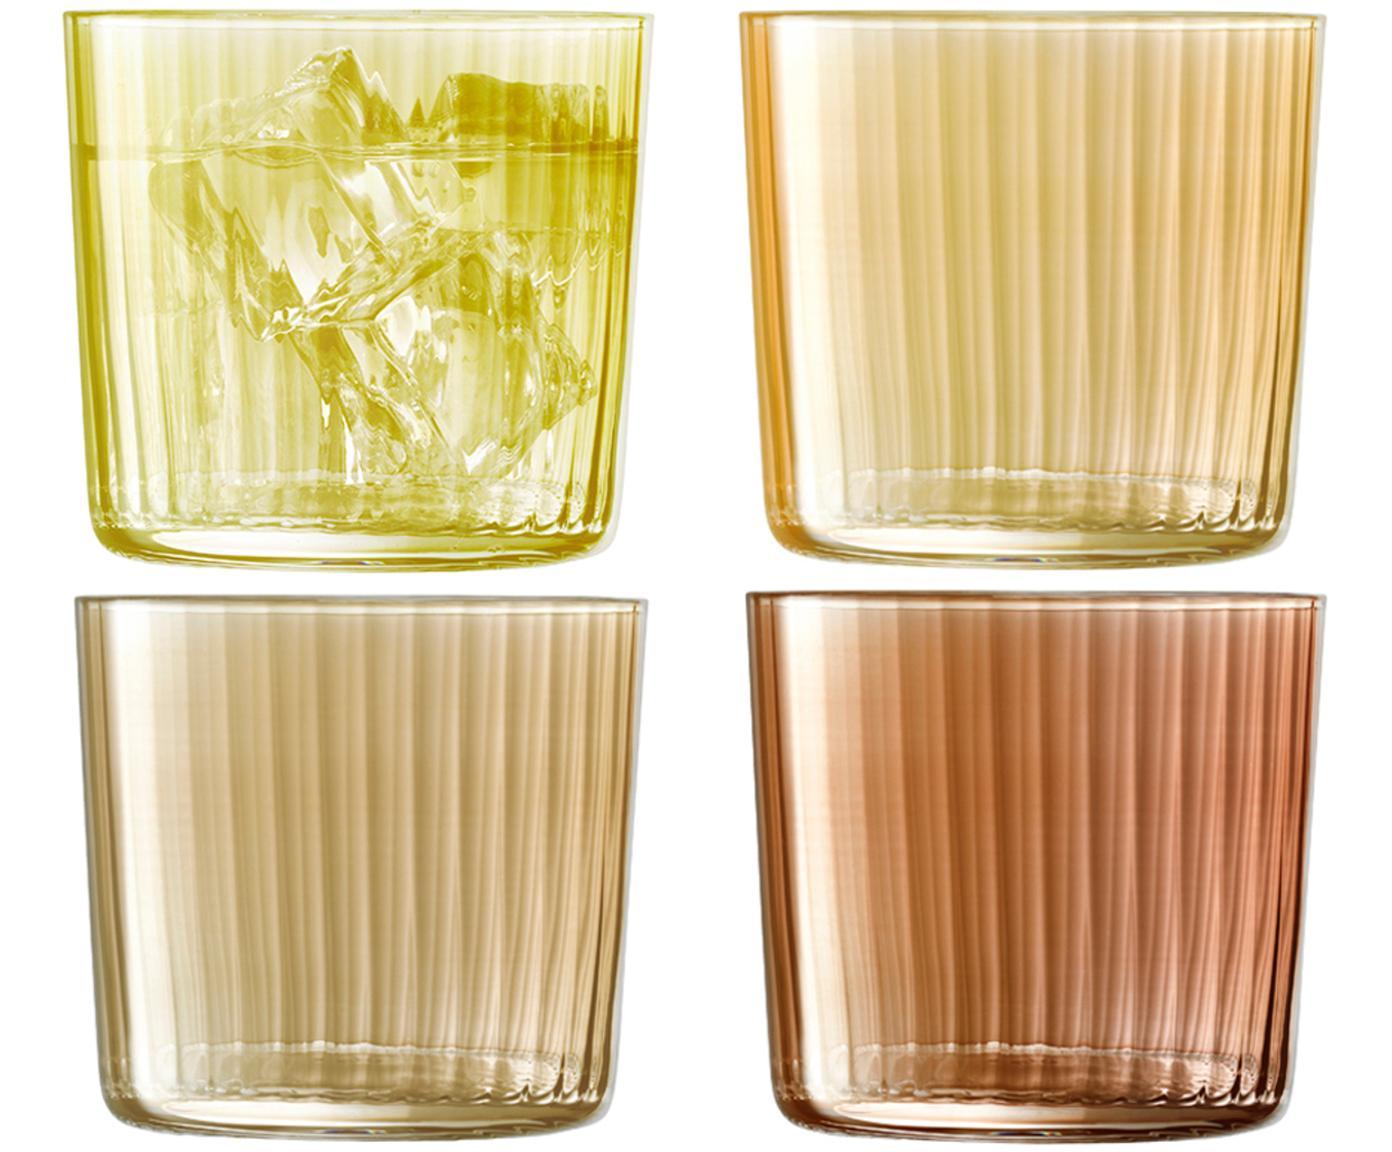 Vasos con relieve de vidrio soplados Gemas, 4uds., Vidrio soplado artesanalmente, Marrón, Ø 8 x Al 7 cm